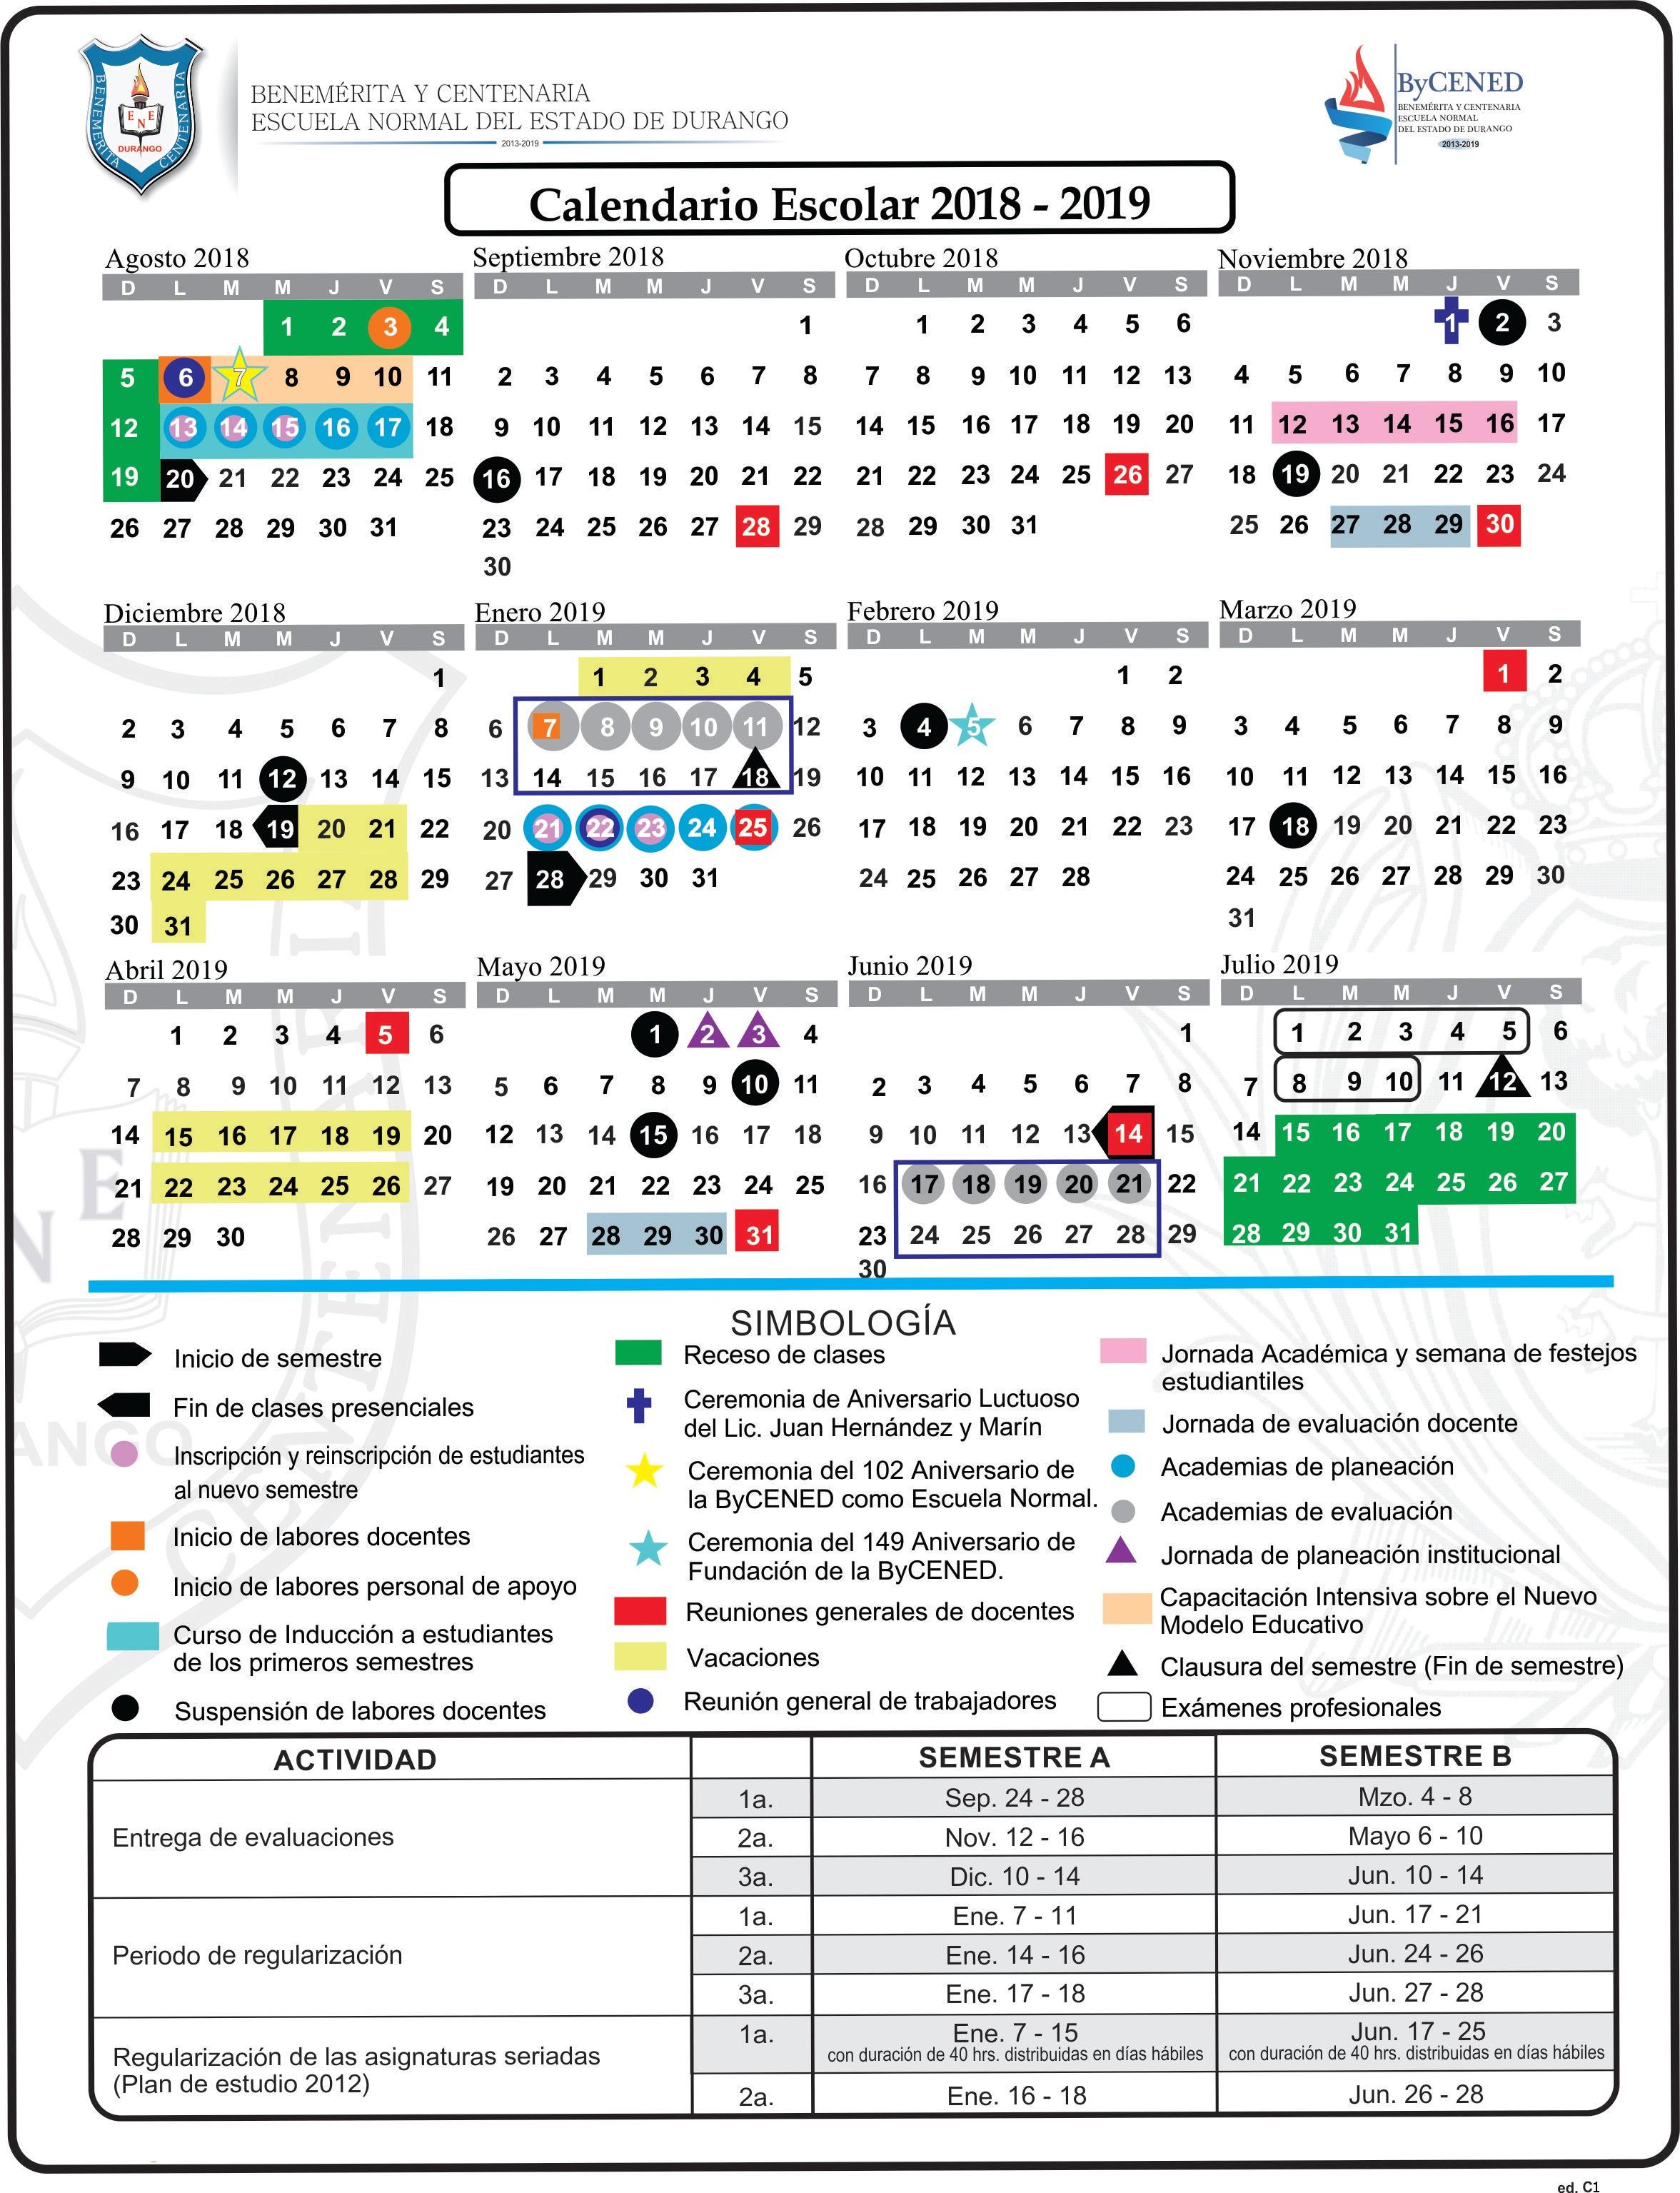 Calendario Escolar 2018 Y 2019 Durango Mejores Y Más Novedosos Calendario Escolar bycened 2018 2019 Of Calendario Escolar 2018 Y 2019 Durango Más Reciente Escuela Nacional De Cuadros